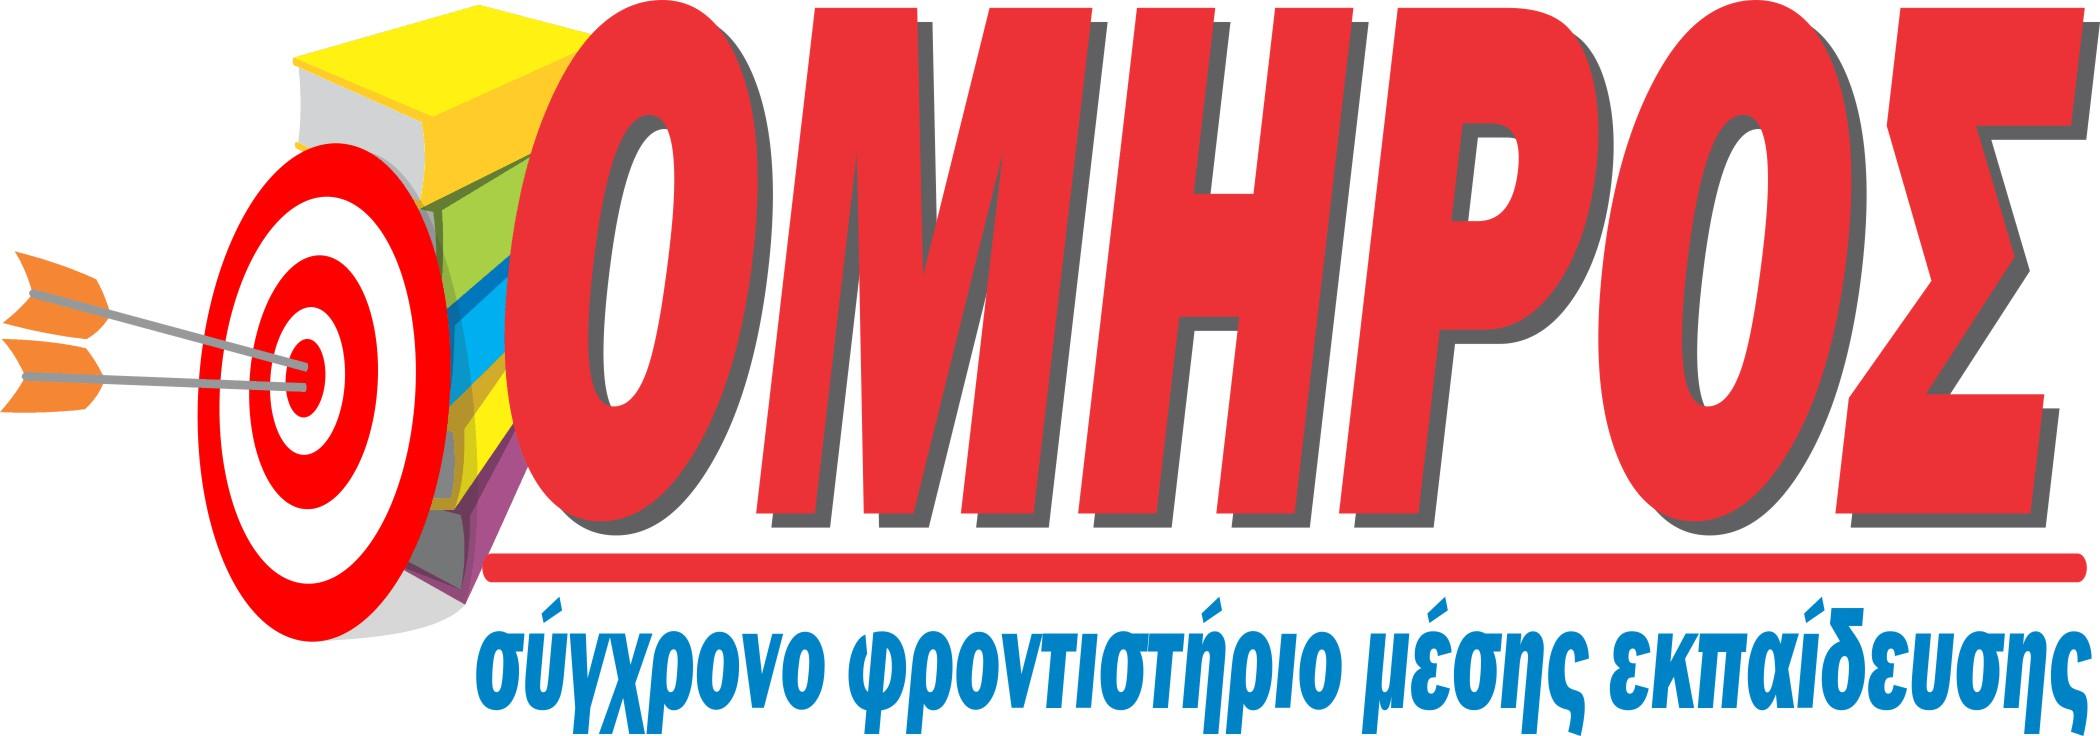 omiros-klkis-logo